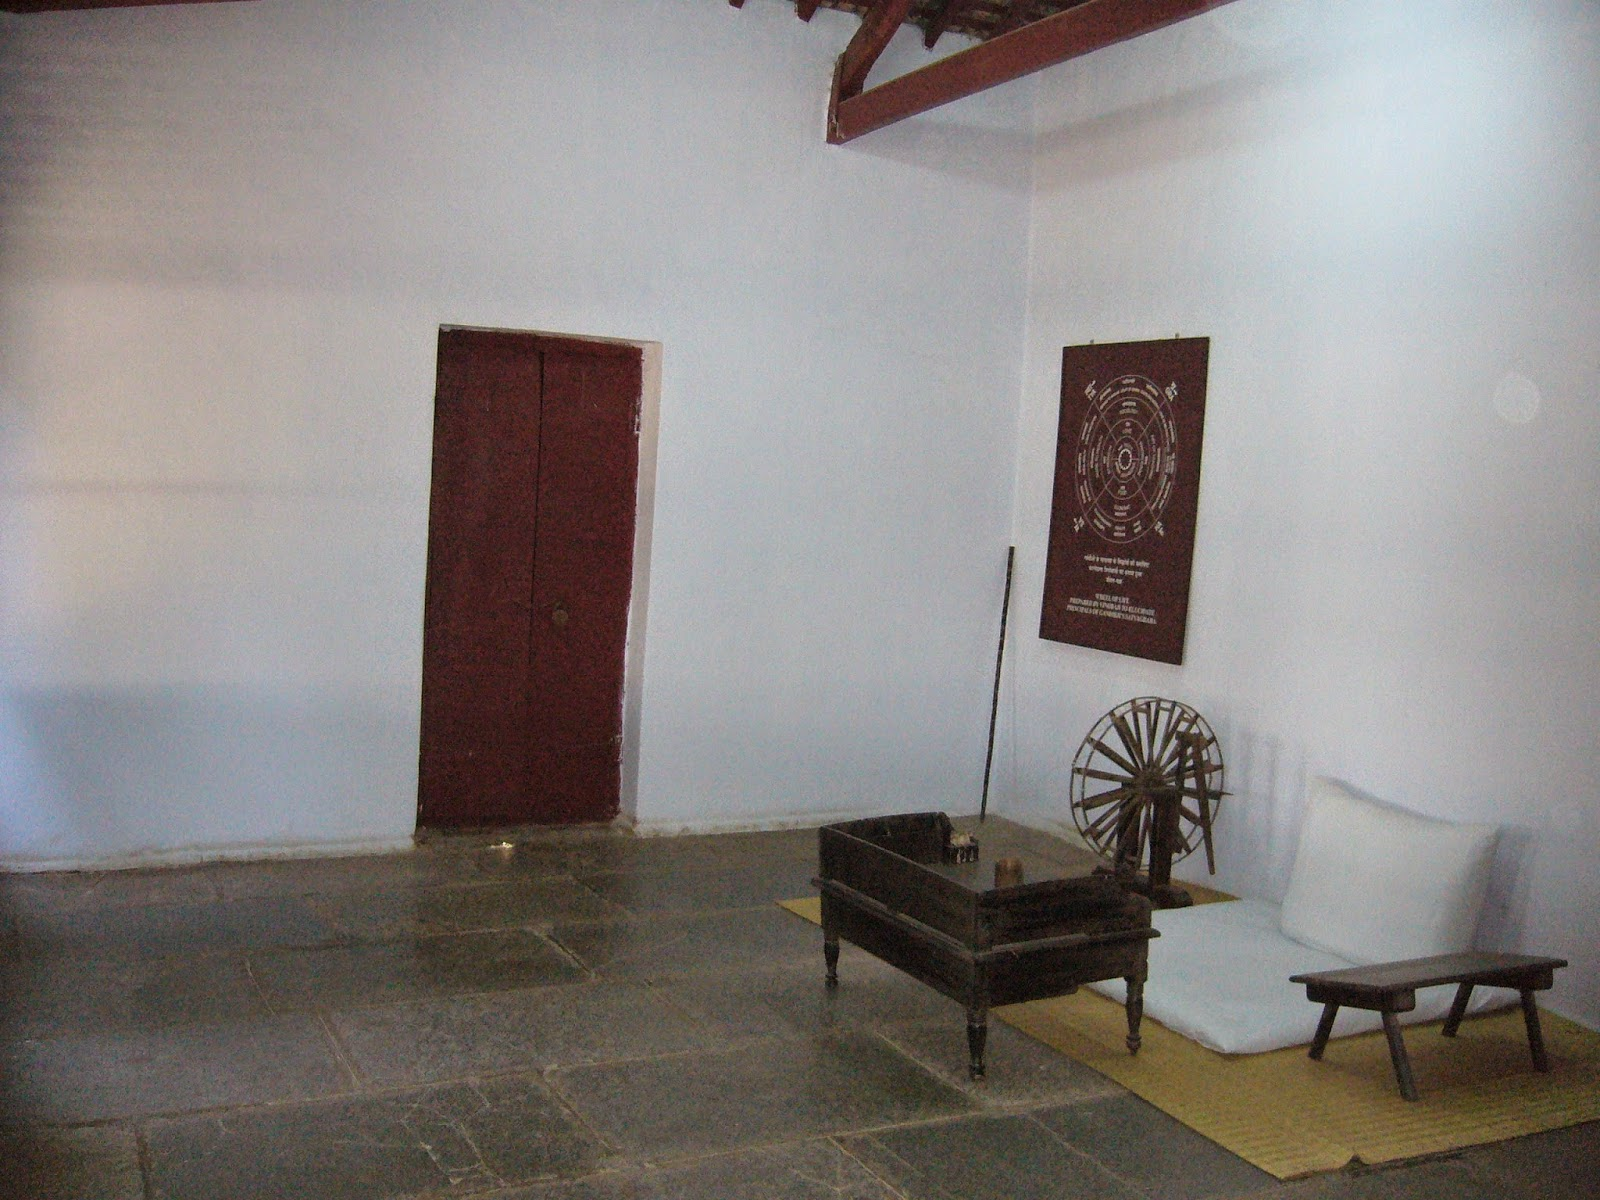 Mahatma Gandhi room